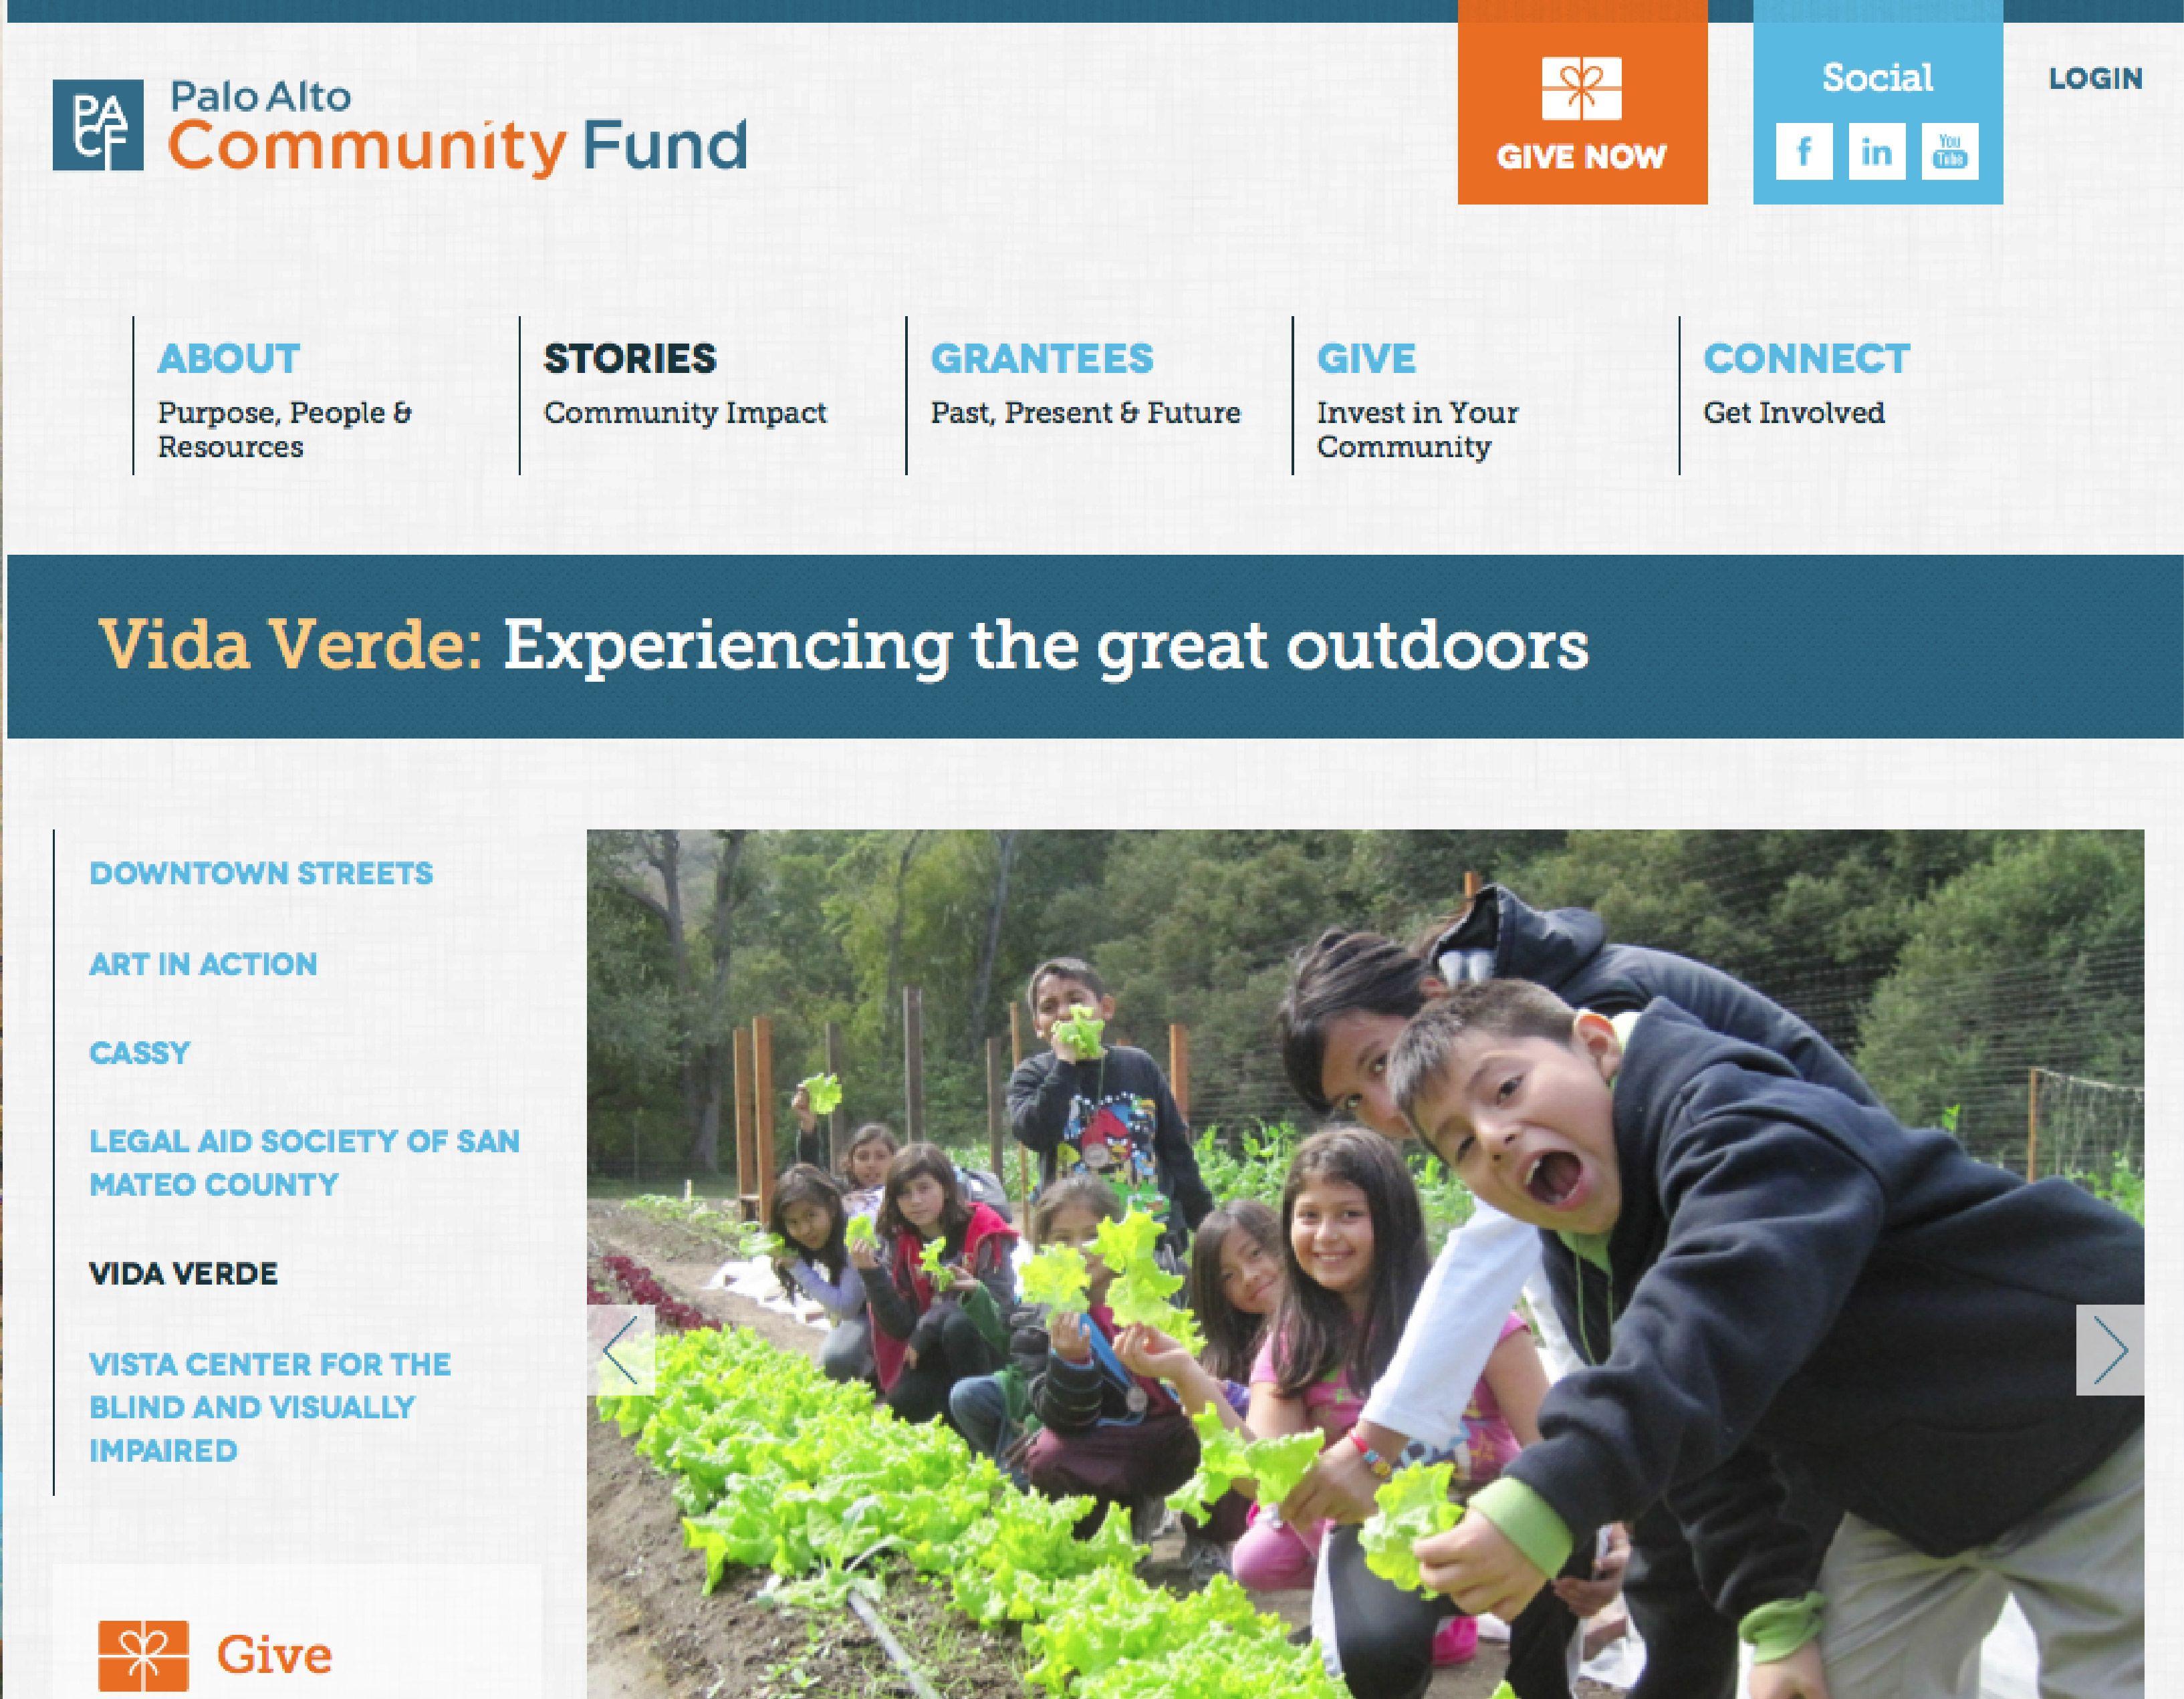 Web Design Interactive Design Palo Alto Community Fund Non Profit Design By Personify Interactive Design Personify Web Design